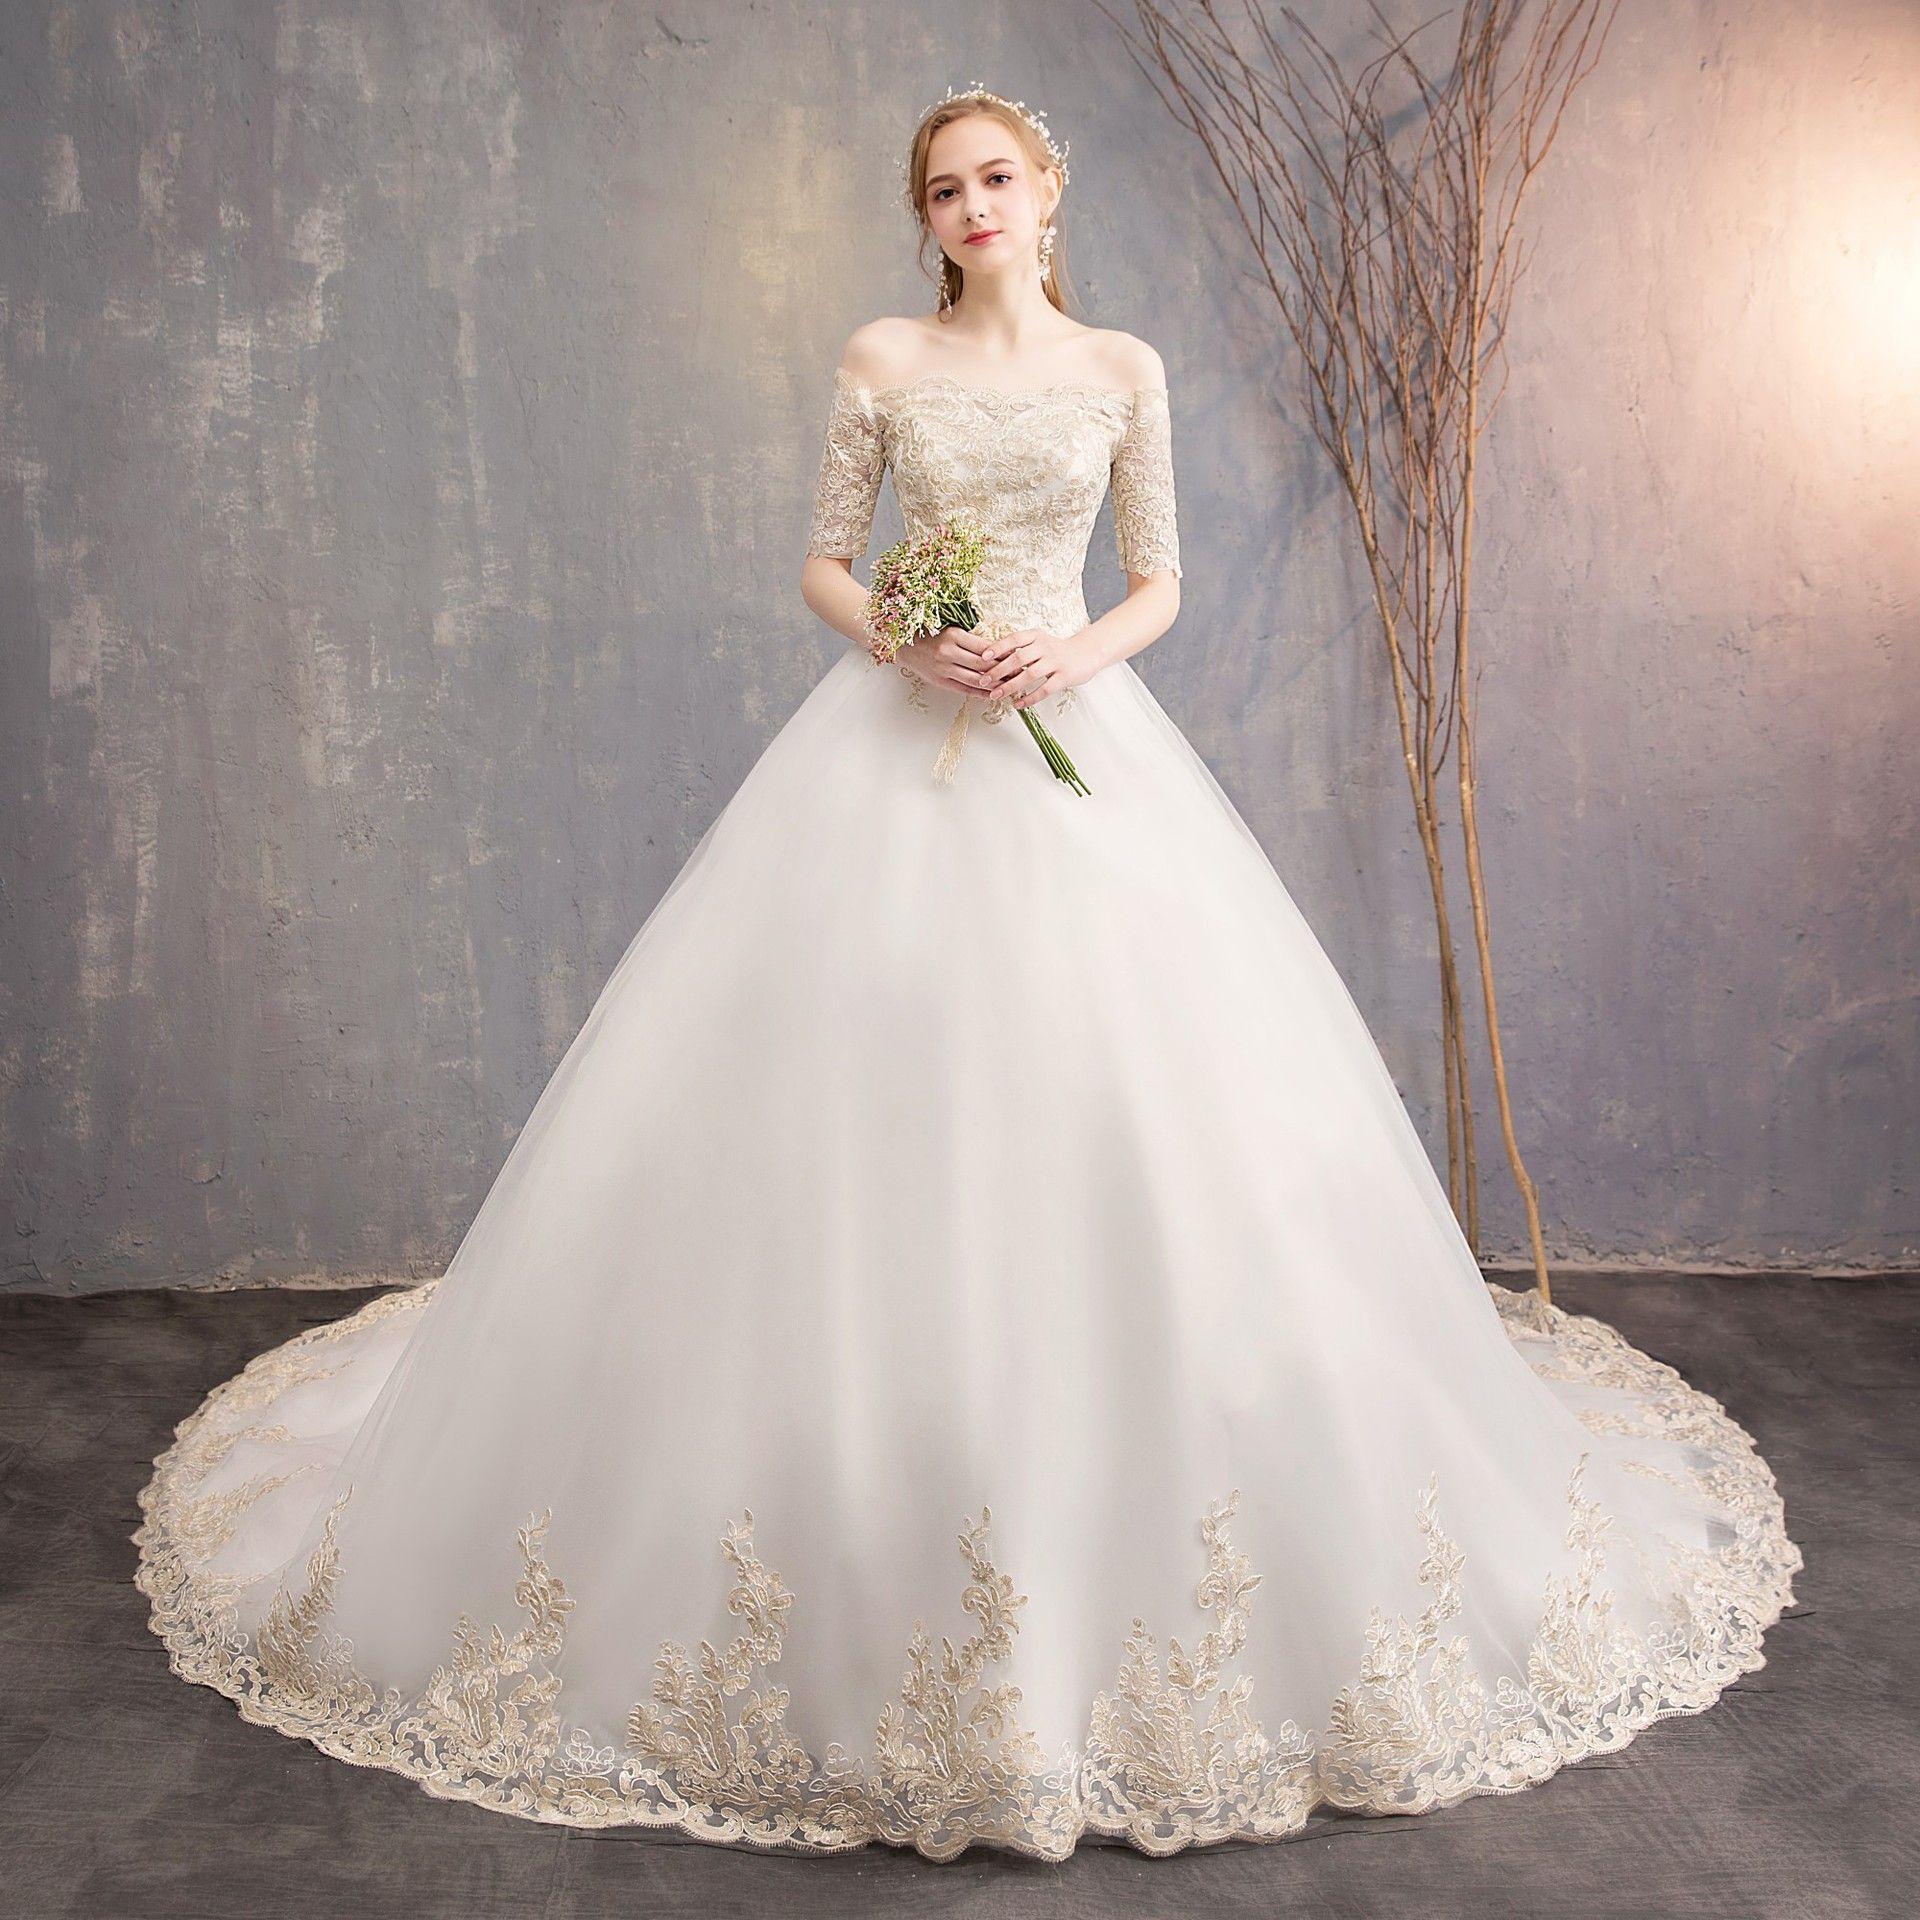 Vestidos de novia con cola larga 2019